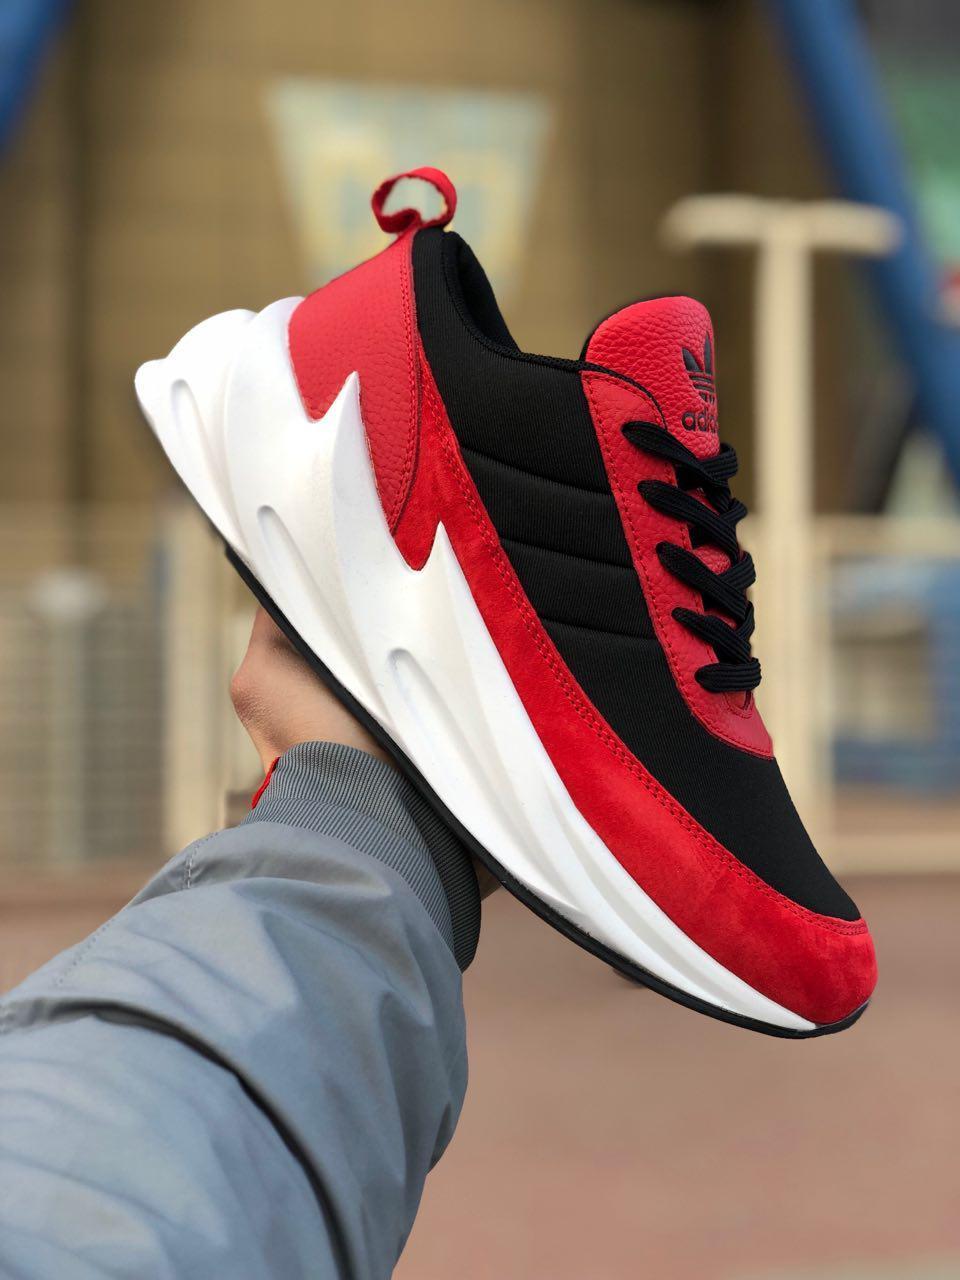 8f98a2f4 Кроссовки мужские Adidas SHARKS красные (реплика) - Интернет-магазин  мужской одежды и обуви